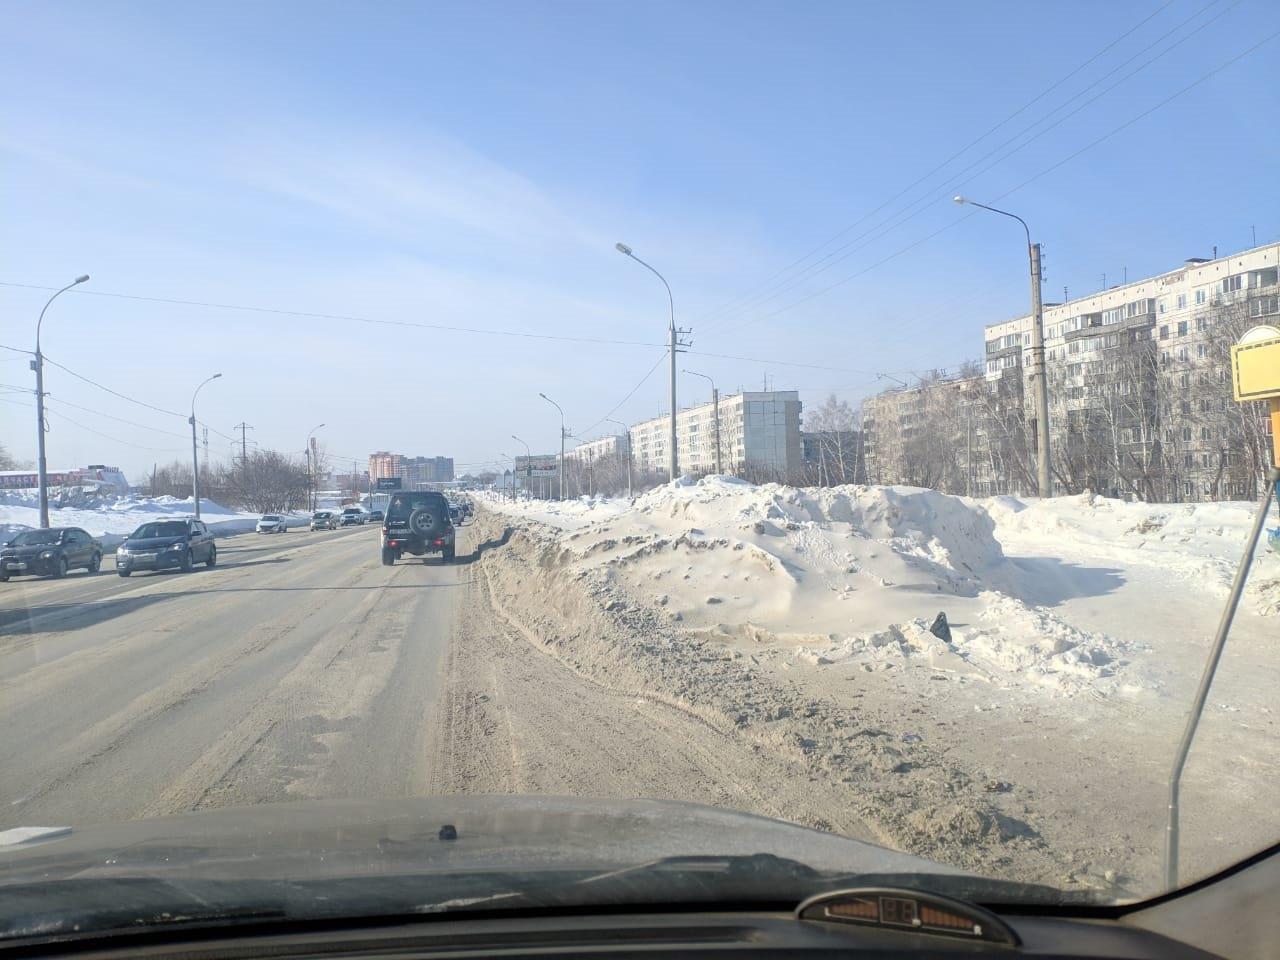 фото «Ждут, когда растает сам»: снег не вывозят с Гусинобродского шоссе всю зиму – горожанка рассказала о борьбе с сугробами 4